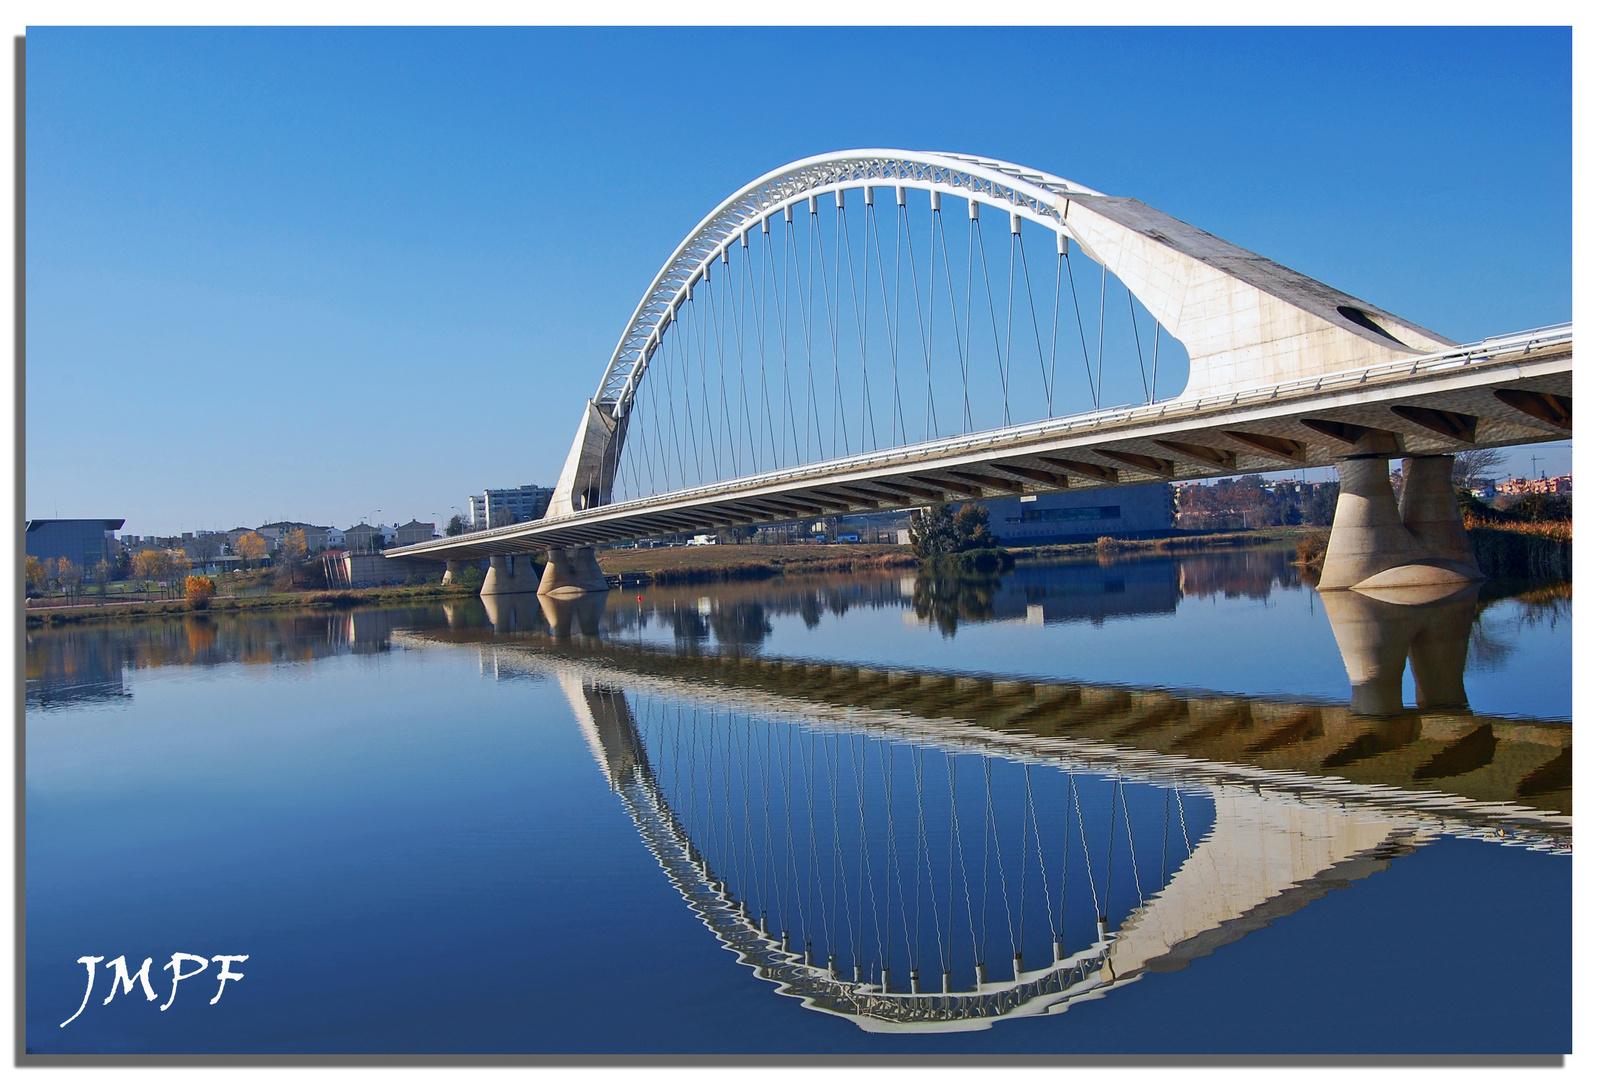 Puente Lusitania 4 Mérida (Badajoz)